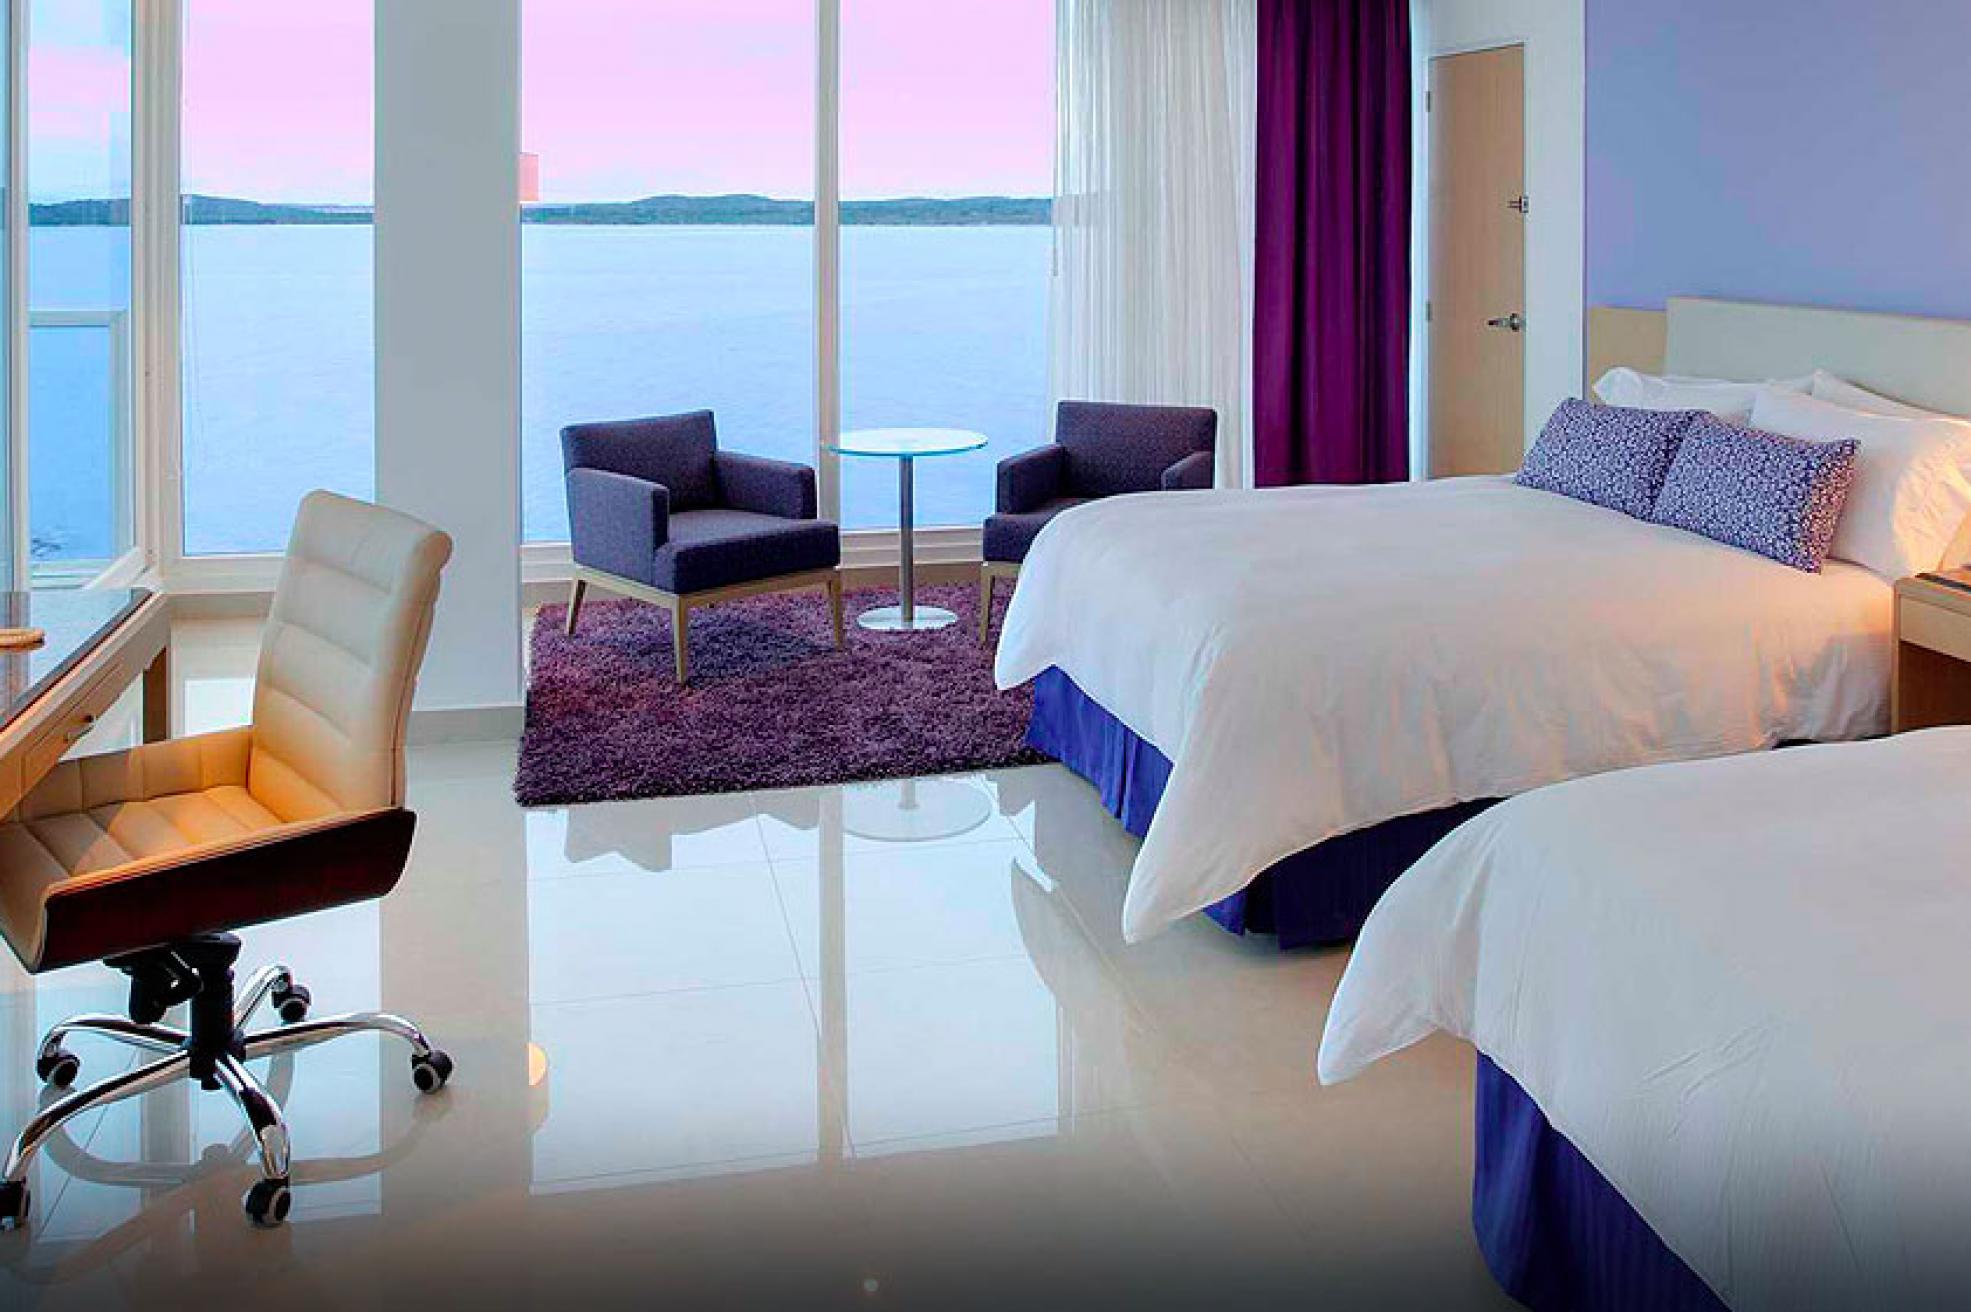 Hotel y resort hilton cartagena en colombia for Hoteles con habitaciones dobles comunicadas